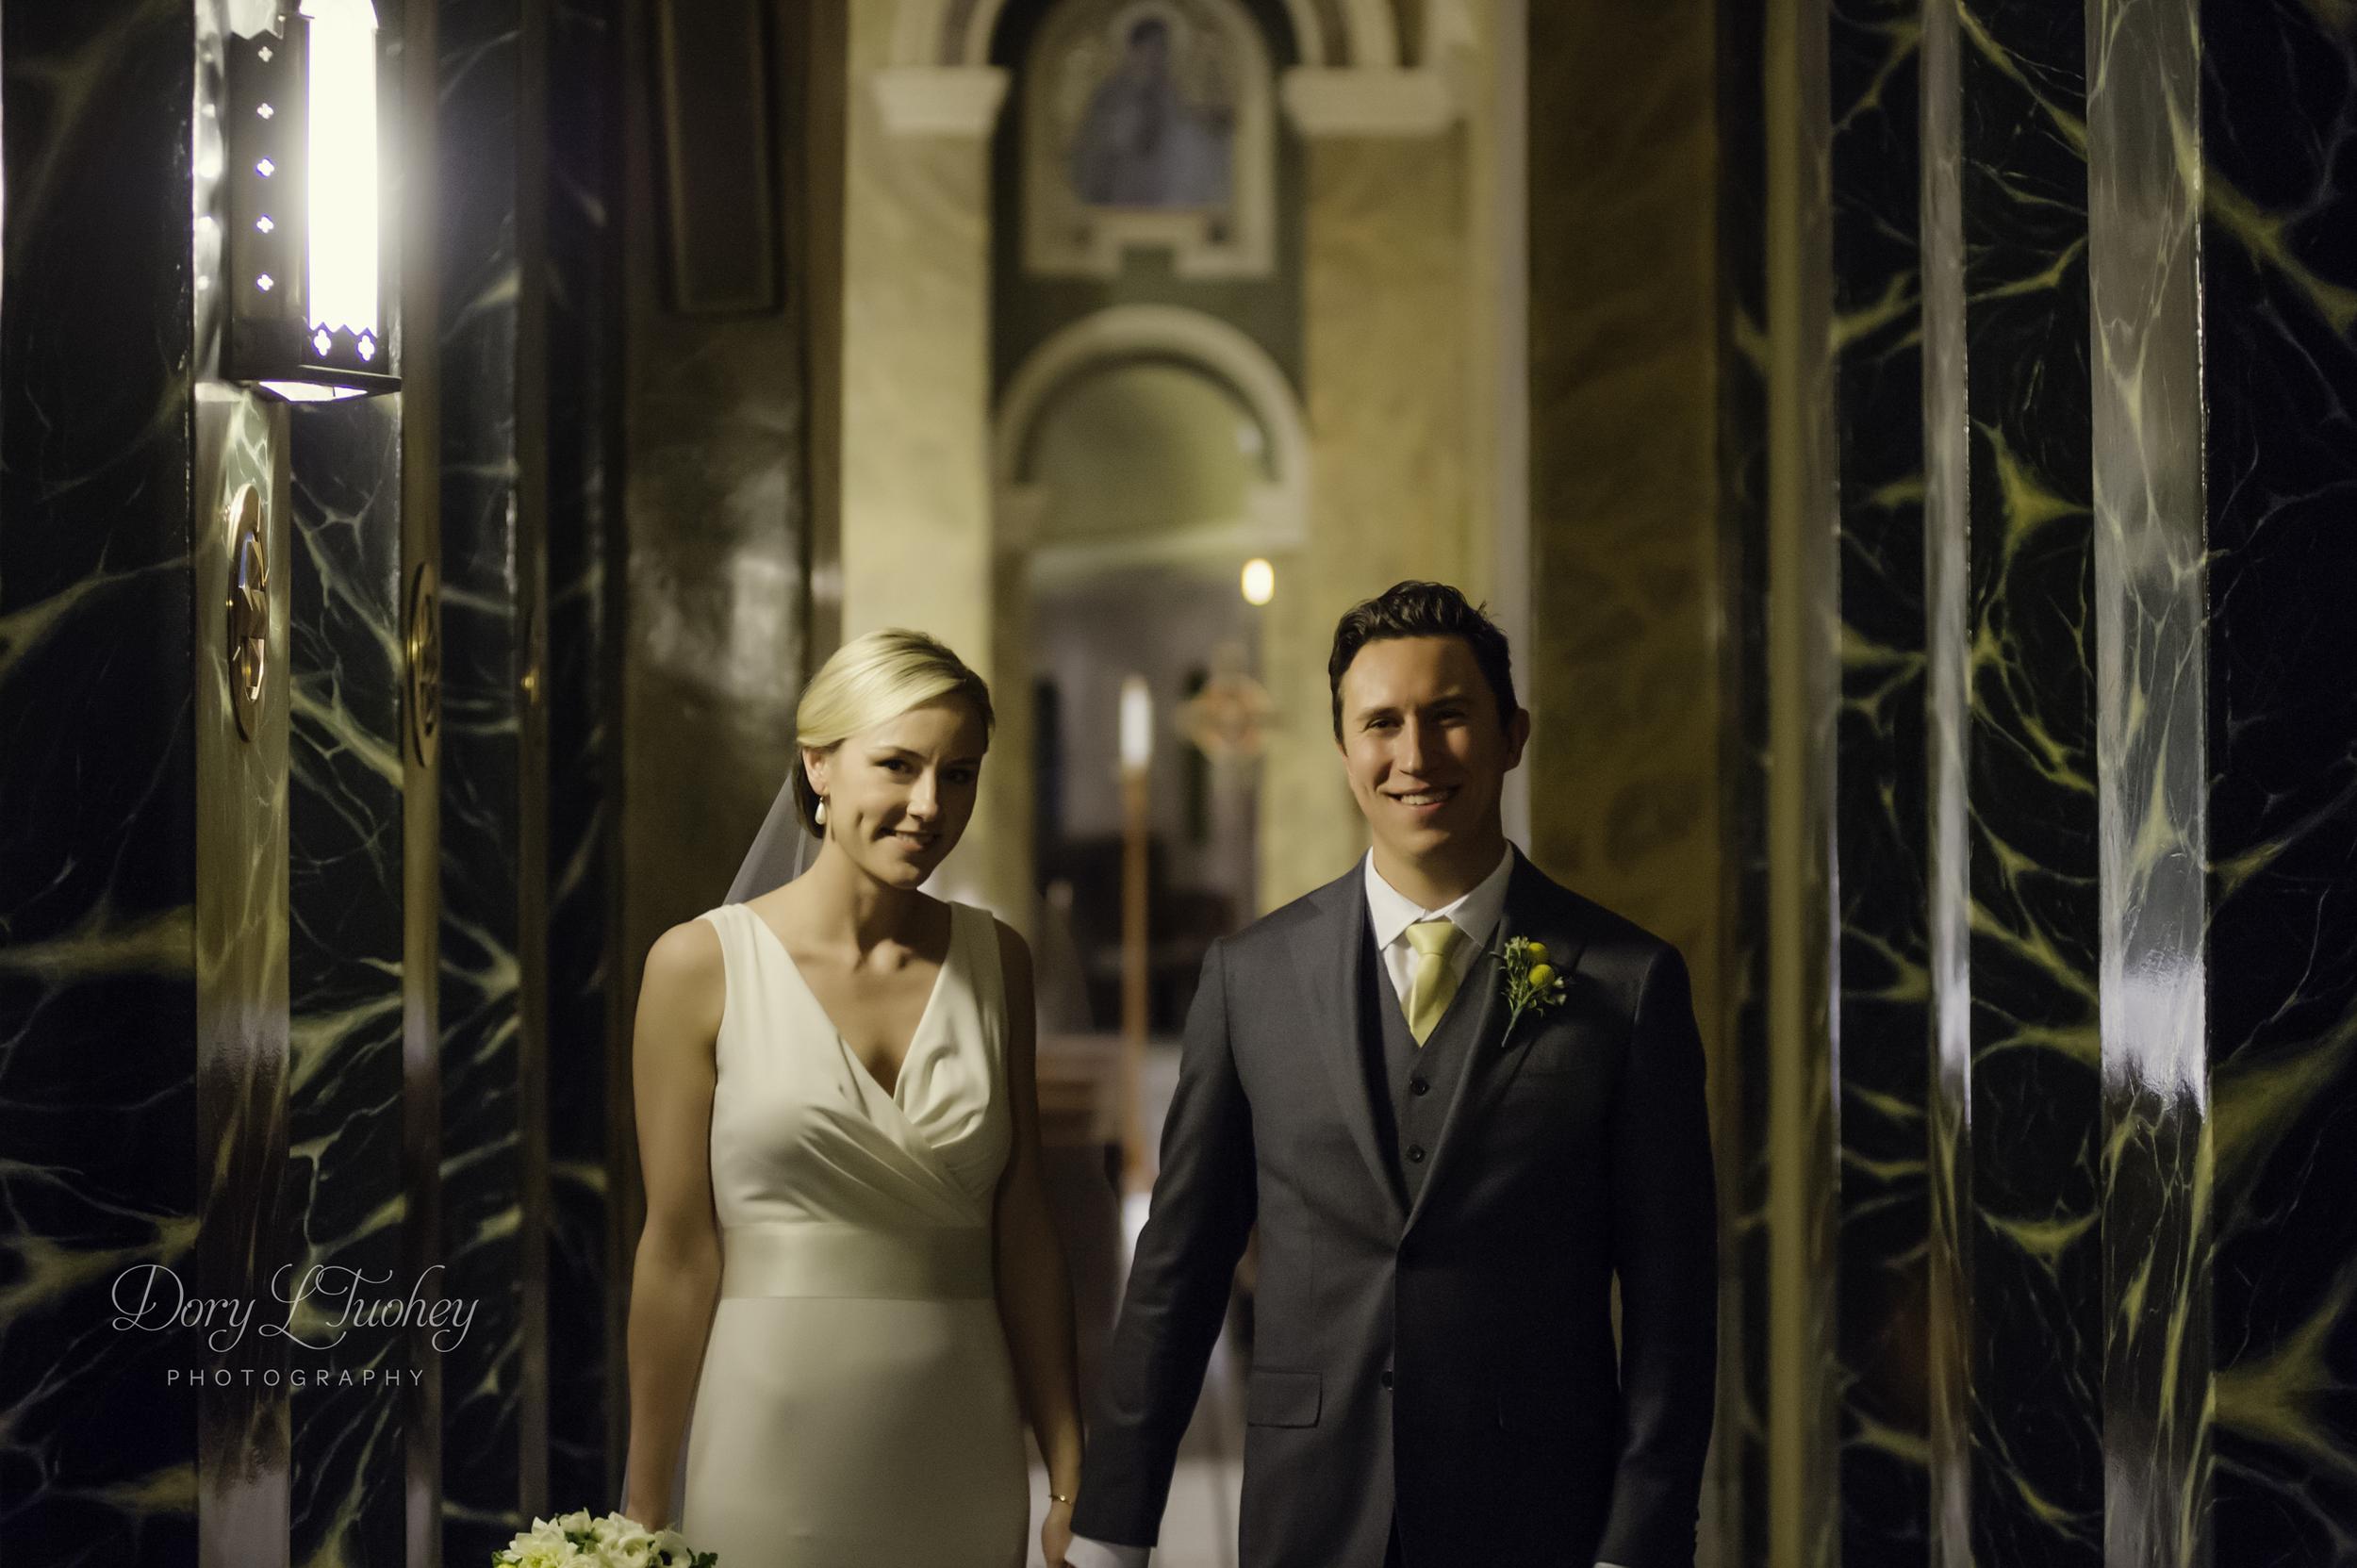 DoryTuohey_wedding.jpg